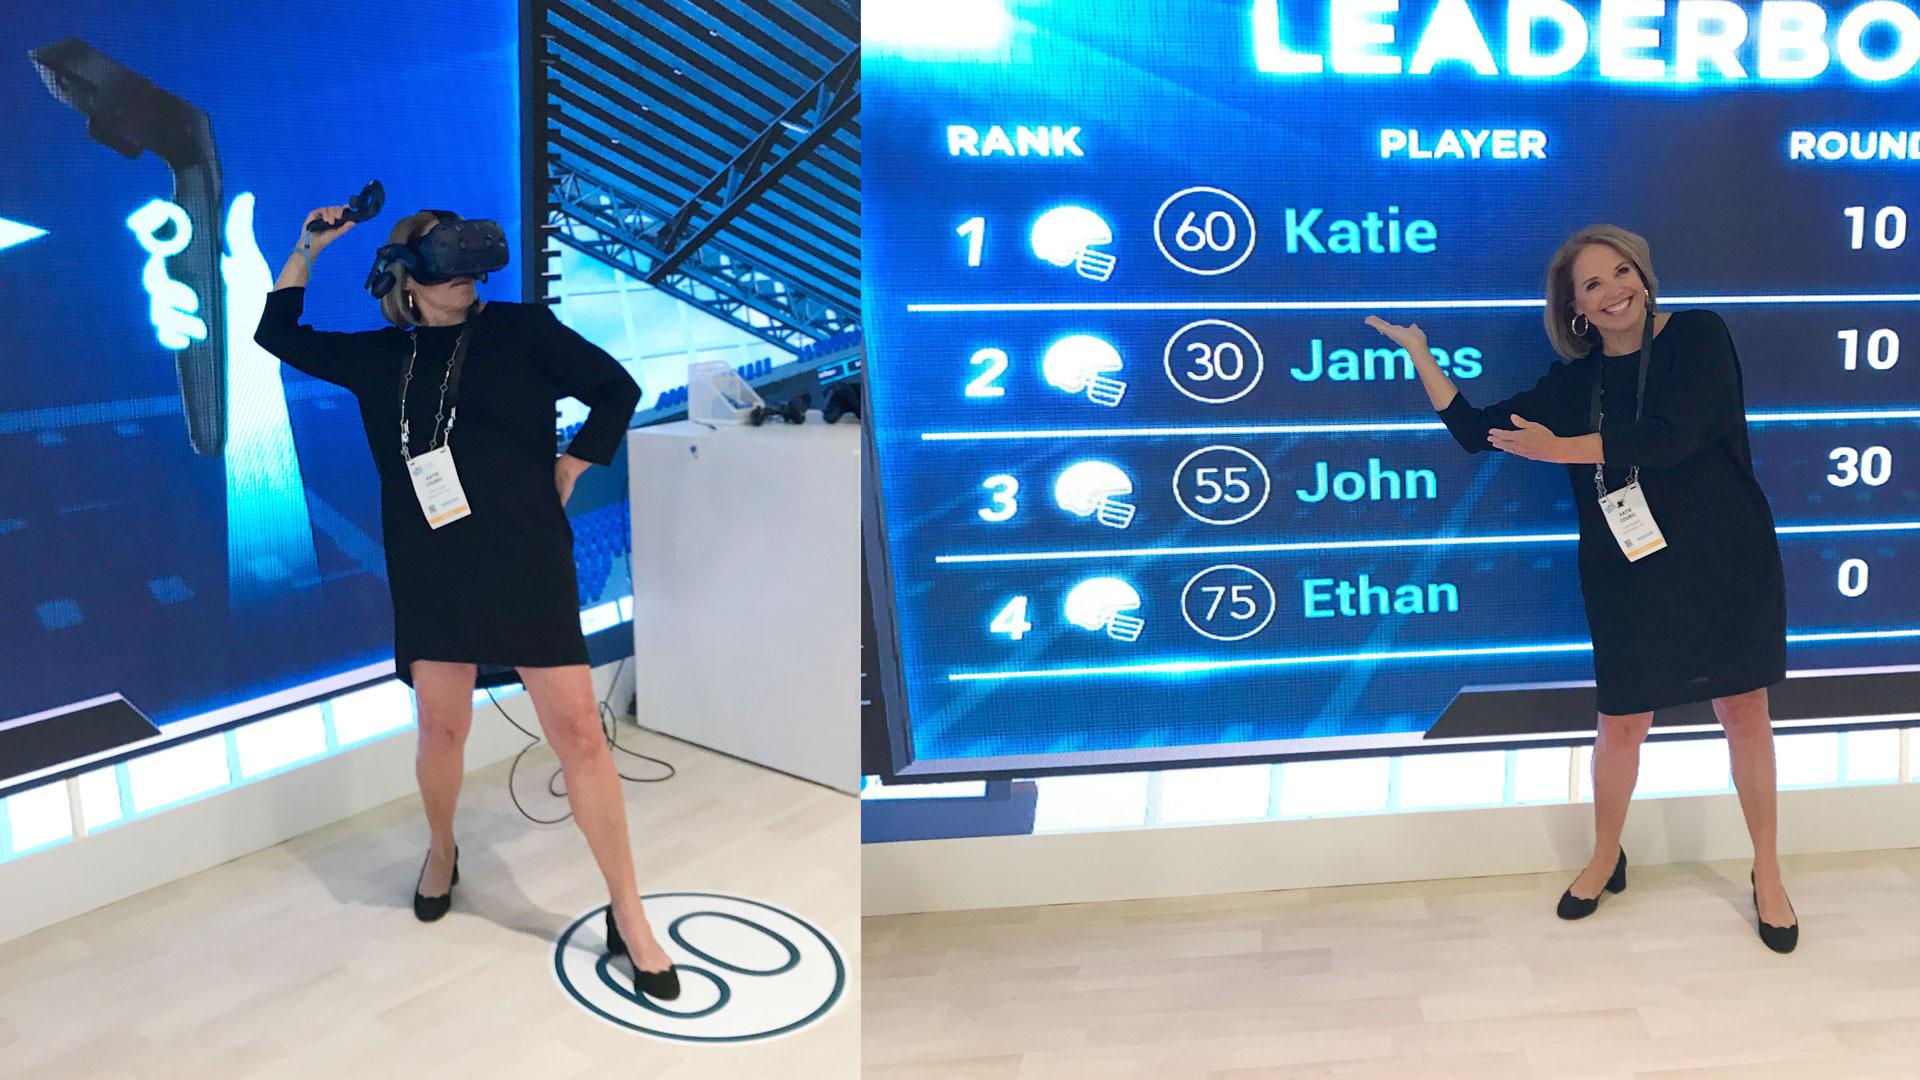 VR scoreboard leaderboard